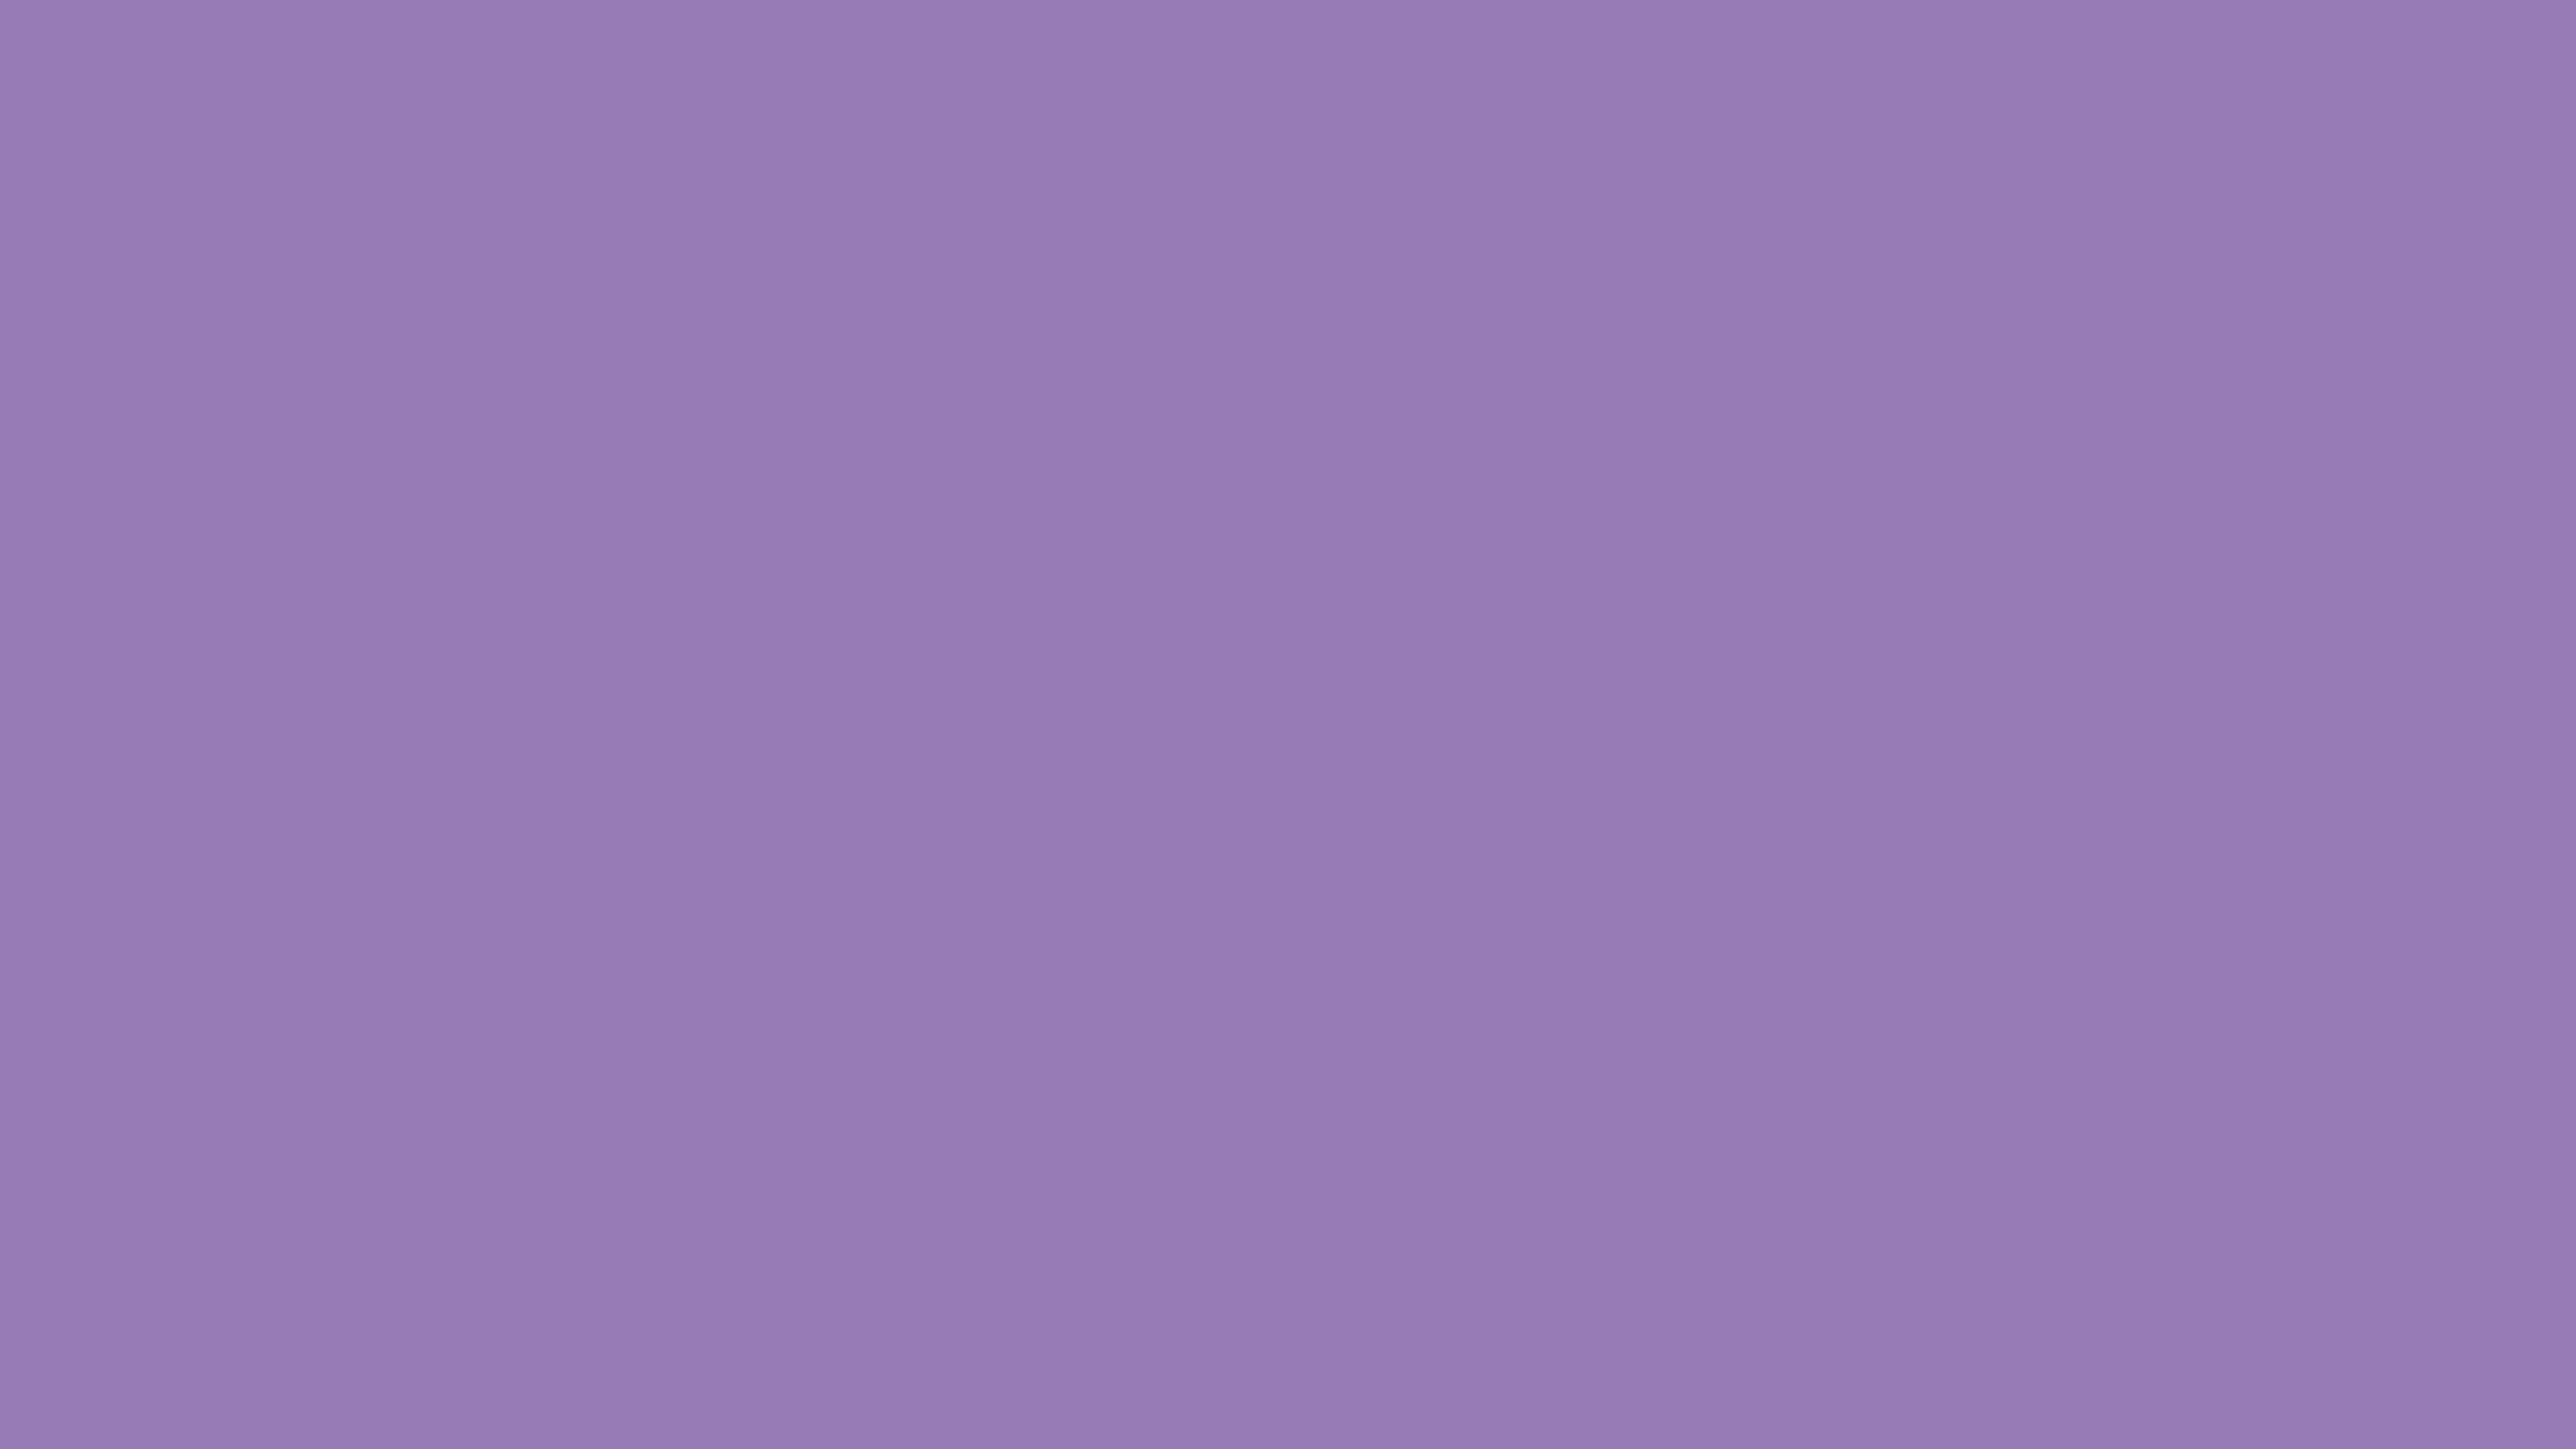 lavender color wallpaper wallpapersafari